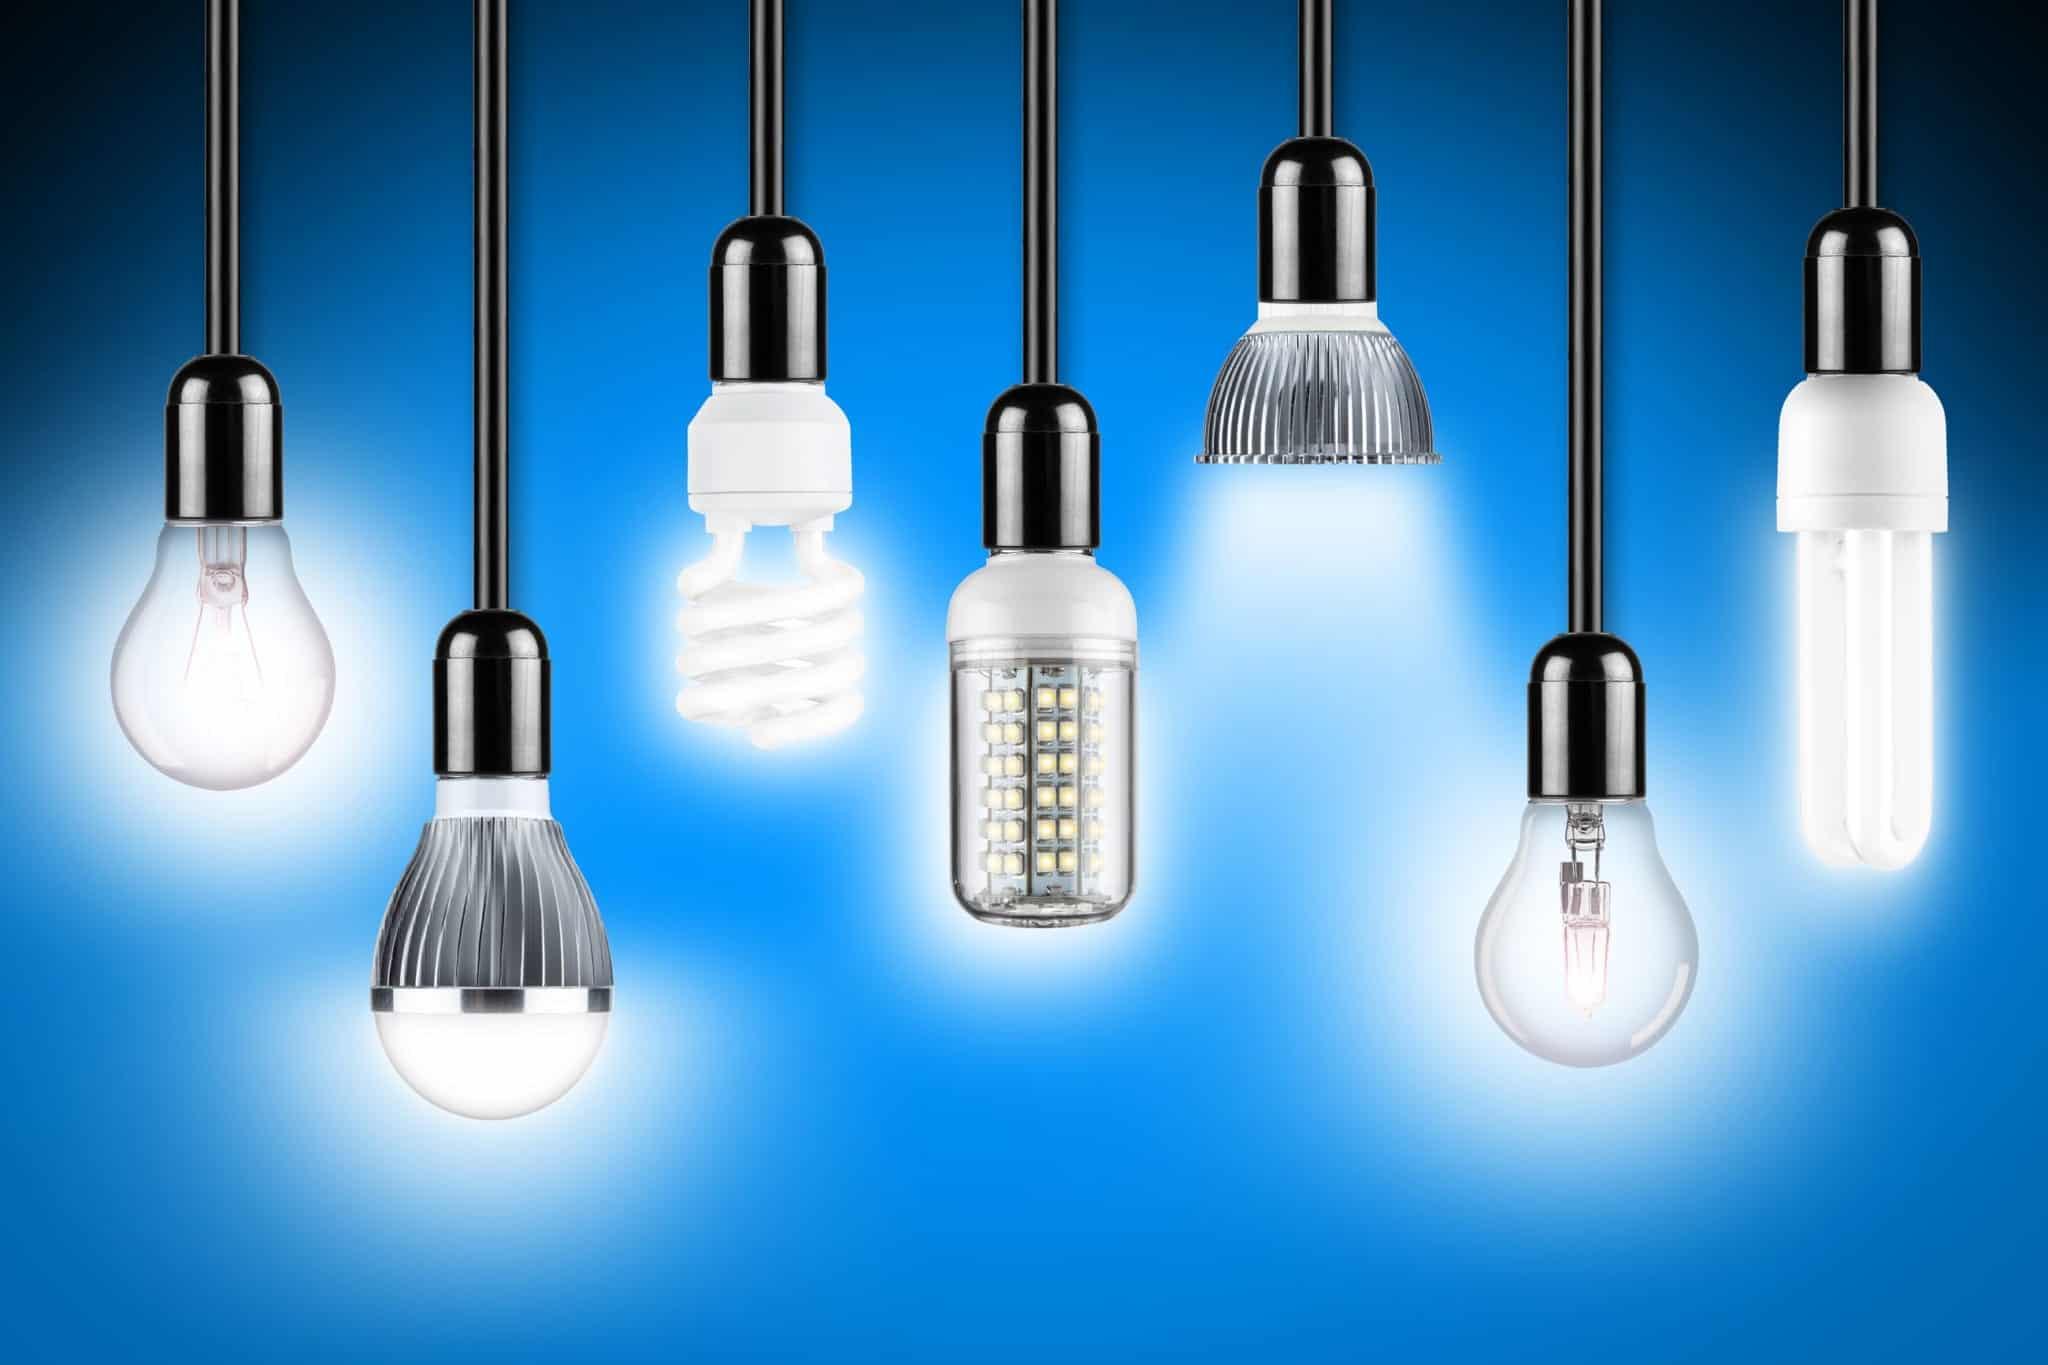 Đèn LED là gì? Cấu tạo, ứng dụng của công nghệ LED